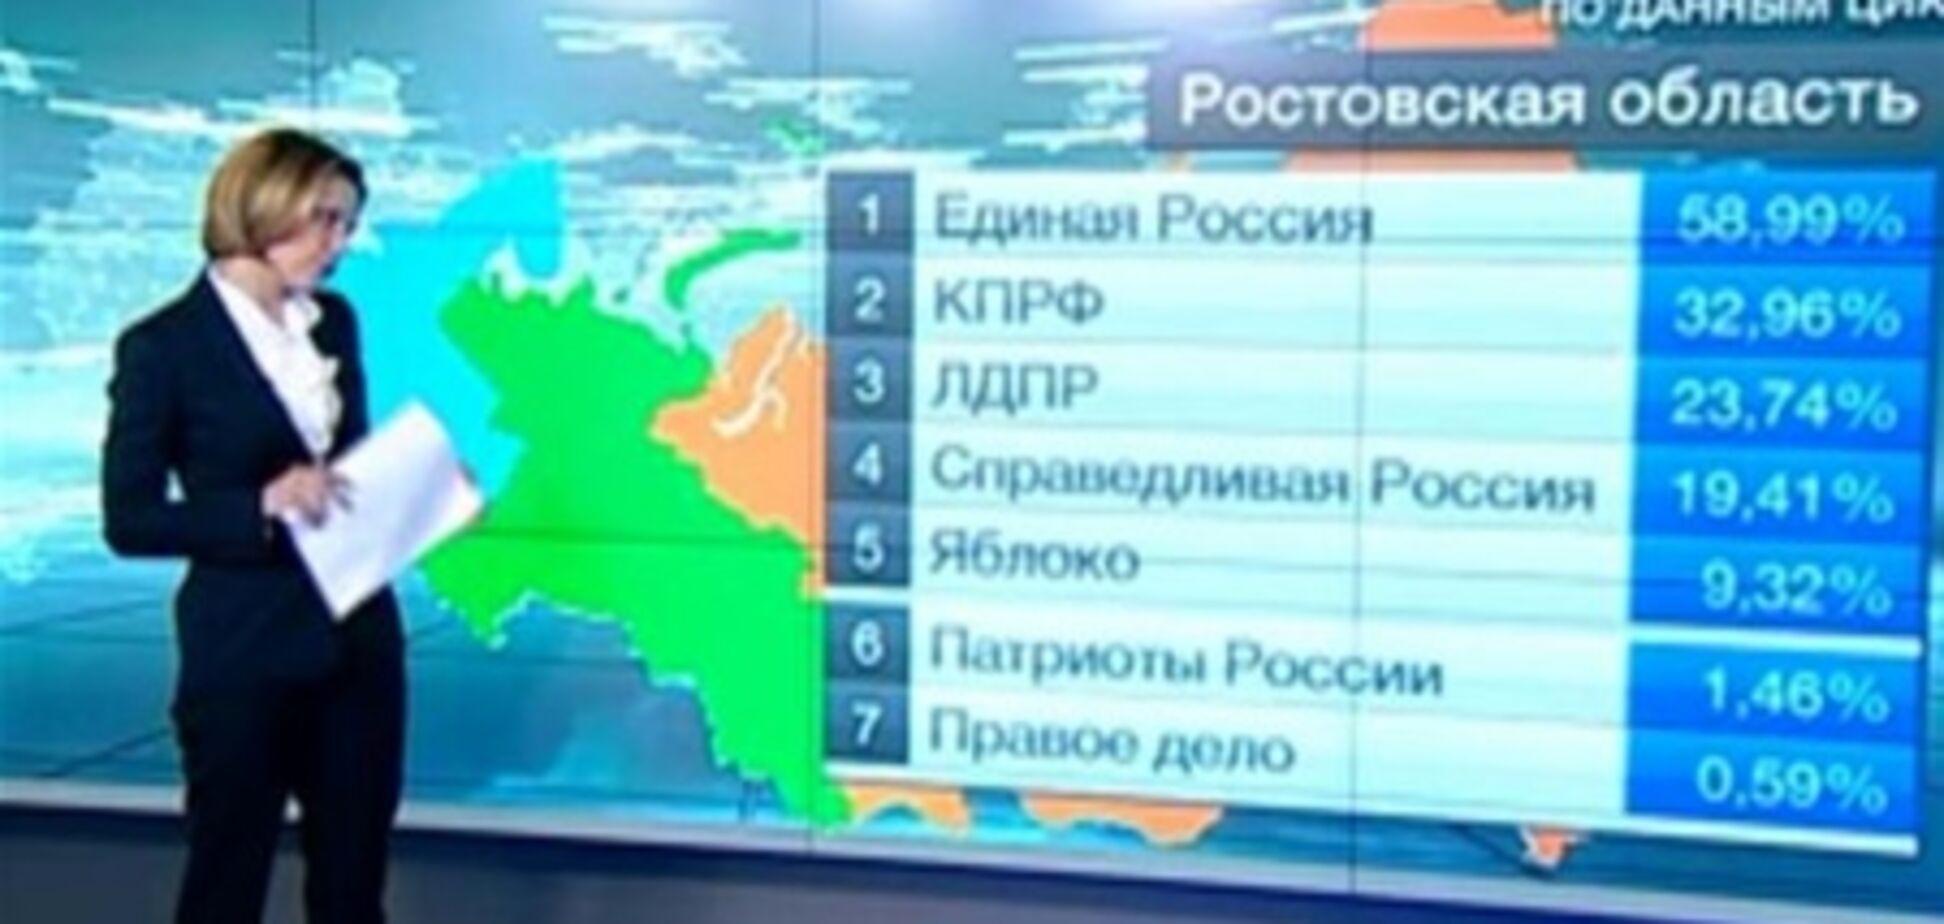 Россия возвращается к смешанной избирательной системе